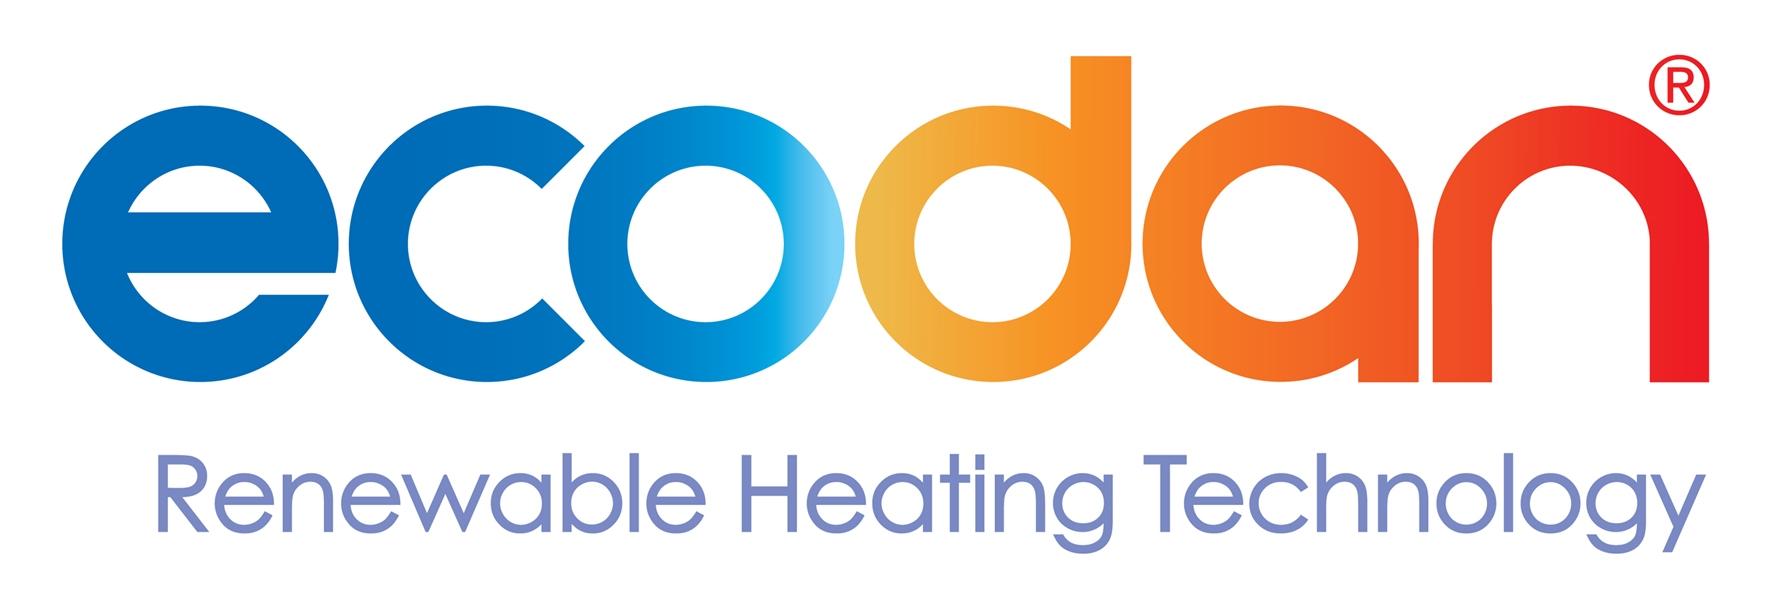 Ecodan Renewable Heating Technology